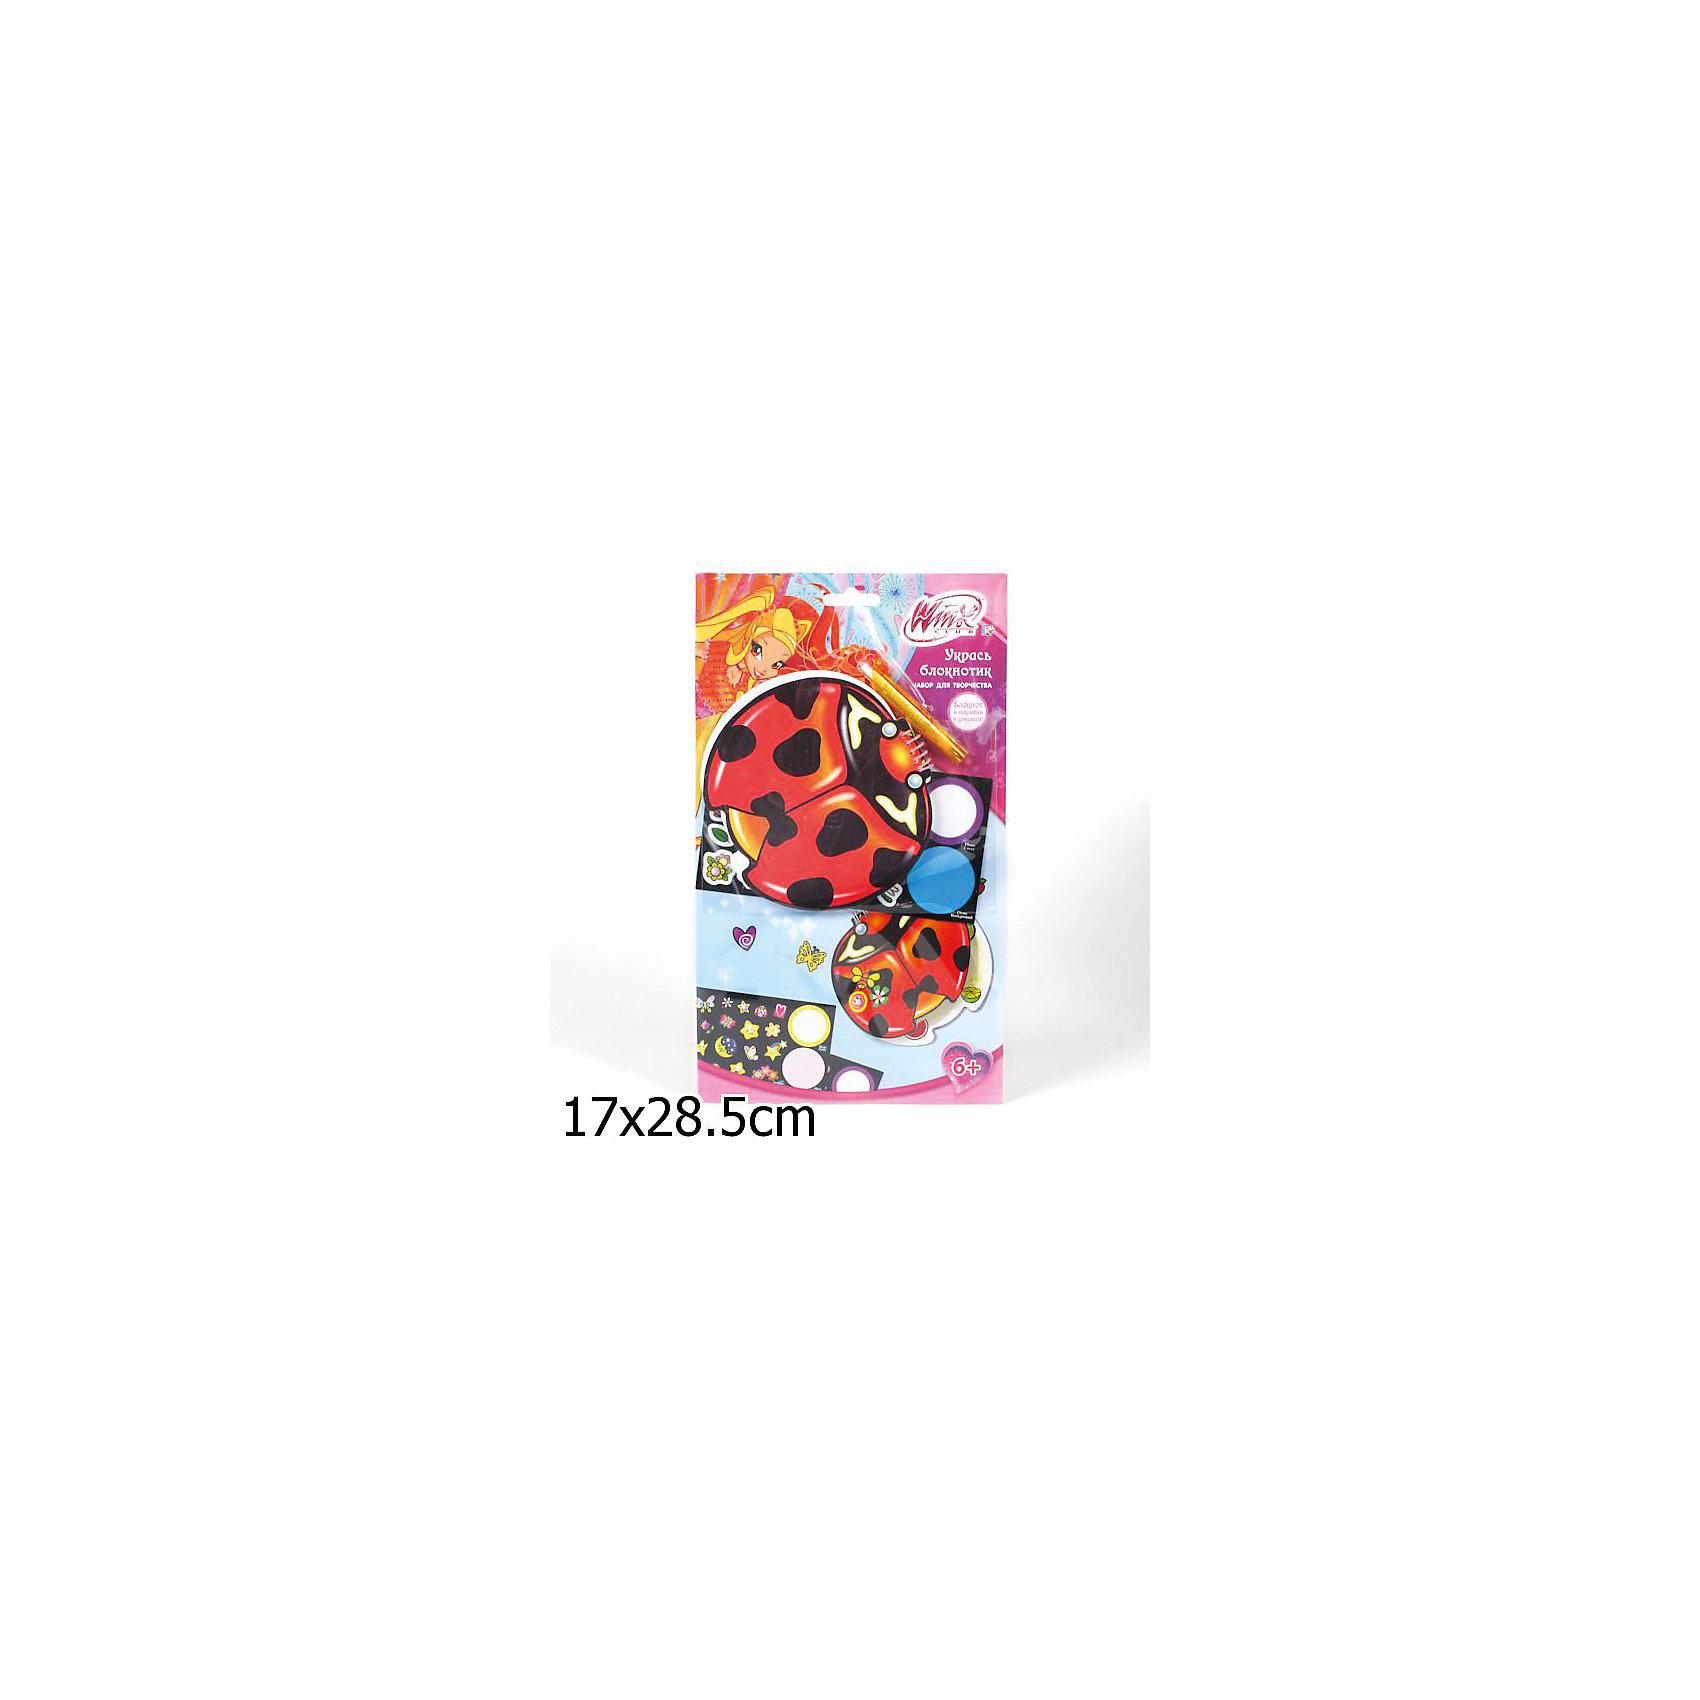 Multiart Набор для творчества Укрась блокнотик, Winx Club наборы для творчества multiart winx модные сумочки с наклейками